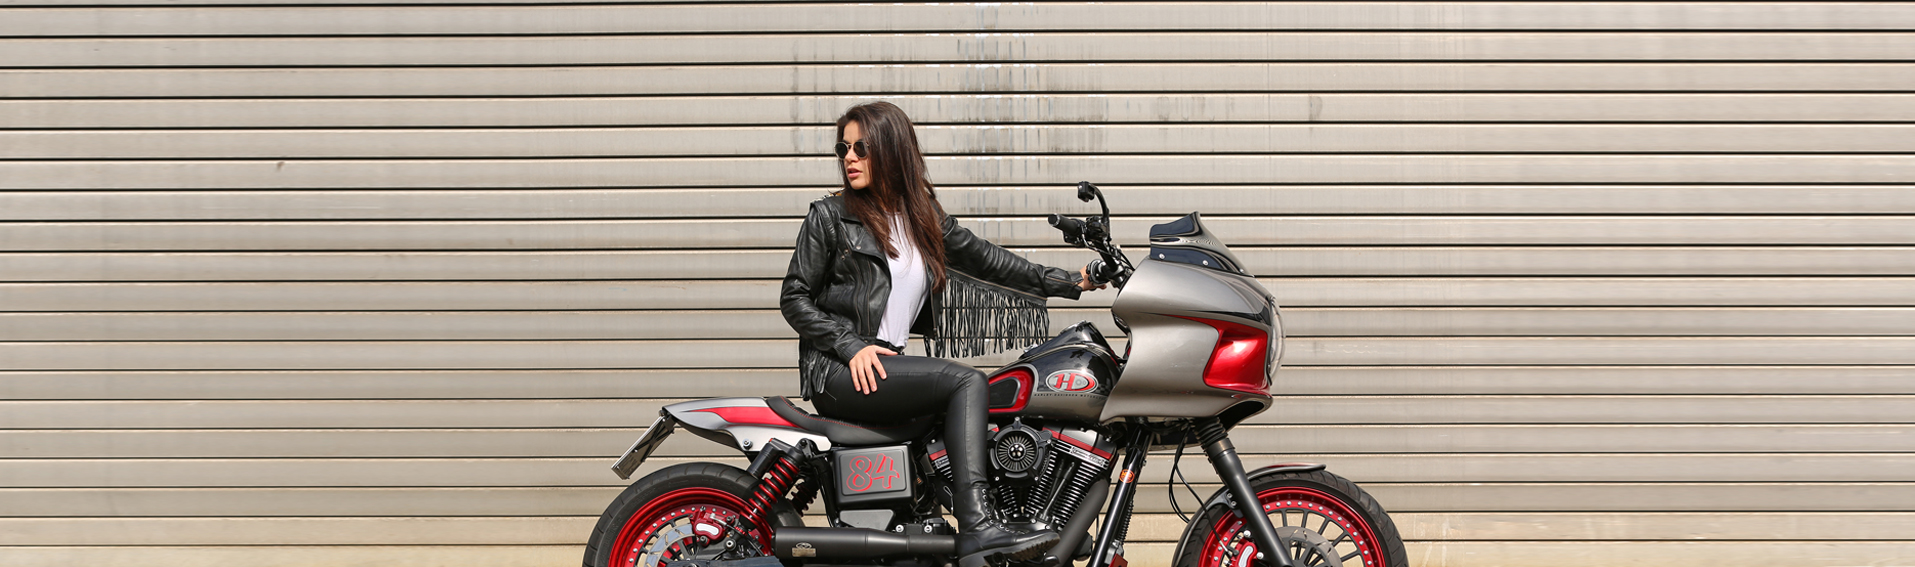 HHD Kalender 2020: Monatskalender mit 12 Harley-Enthusiasten und ihren Maschinen